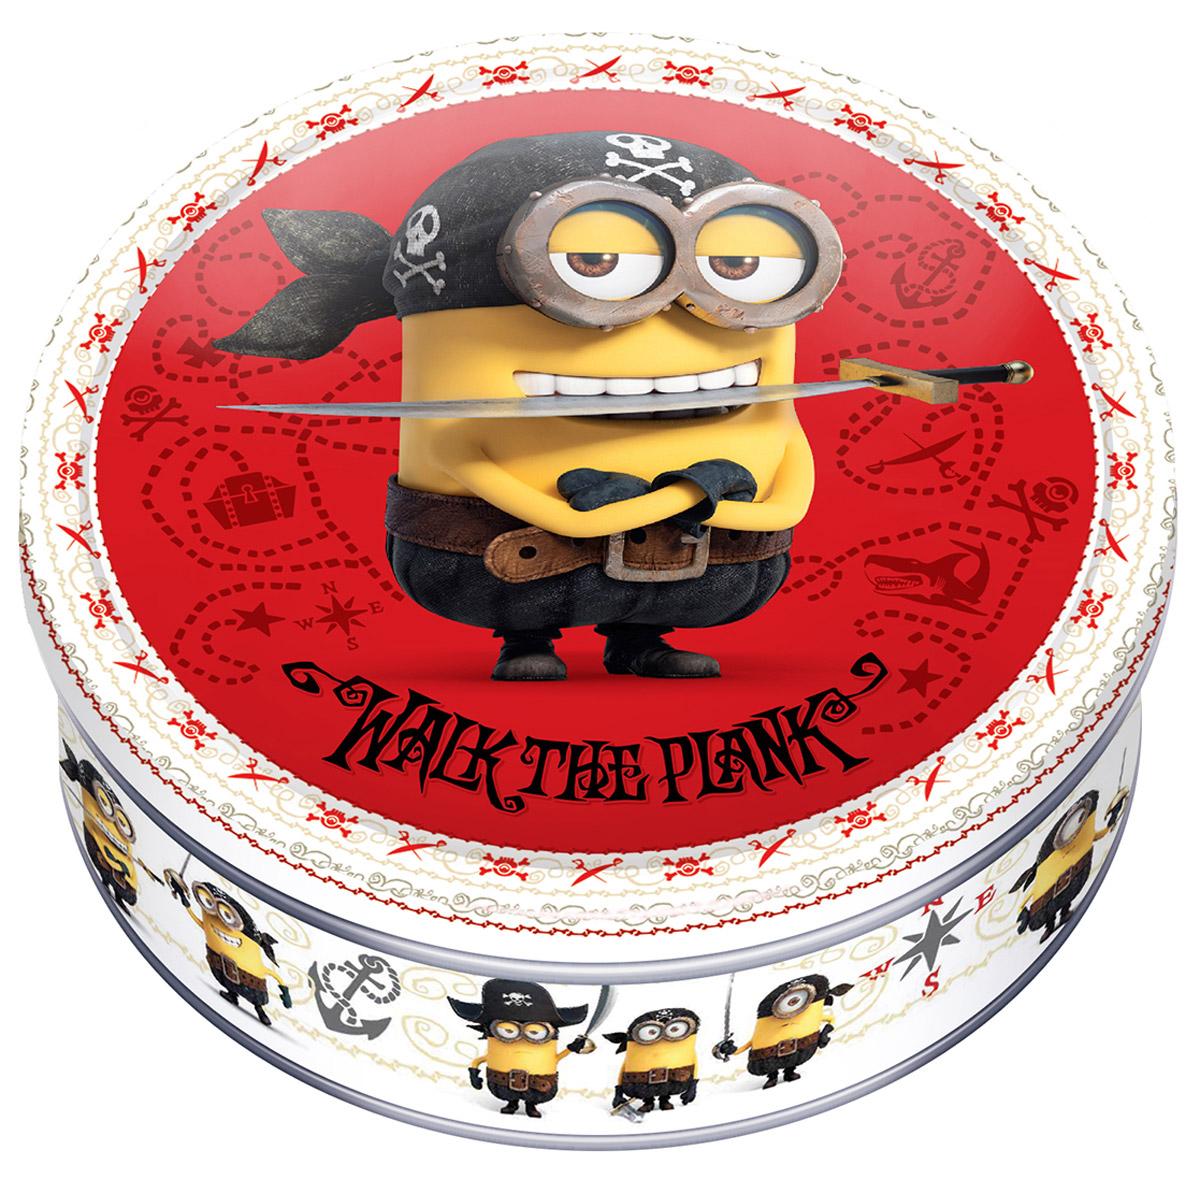 Minions печенье сдобное с кусочками шоколада, 150 г8076809500302Minions - 100% сдобное печенье в подарочной банке. В коллекции Minions 3 варианта дизайна подарочных банок, каждый из которых - отличный подарок ко Дню всех влюбленных или другой особой дате.